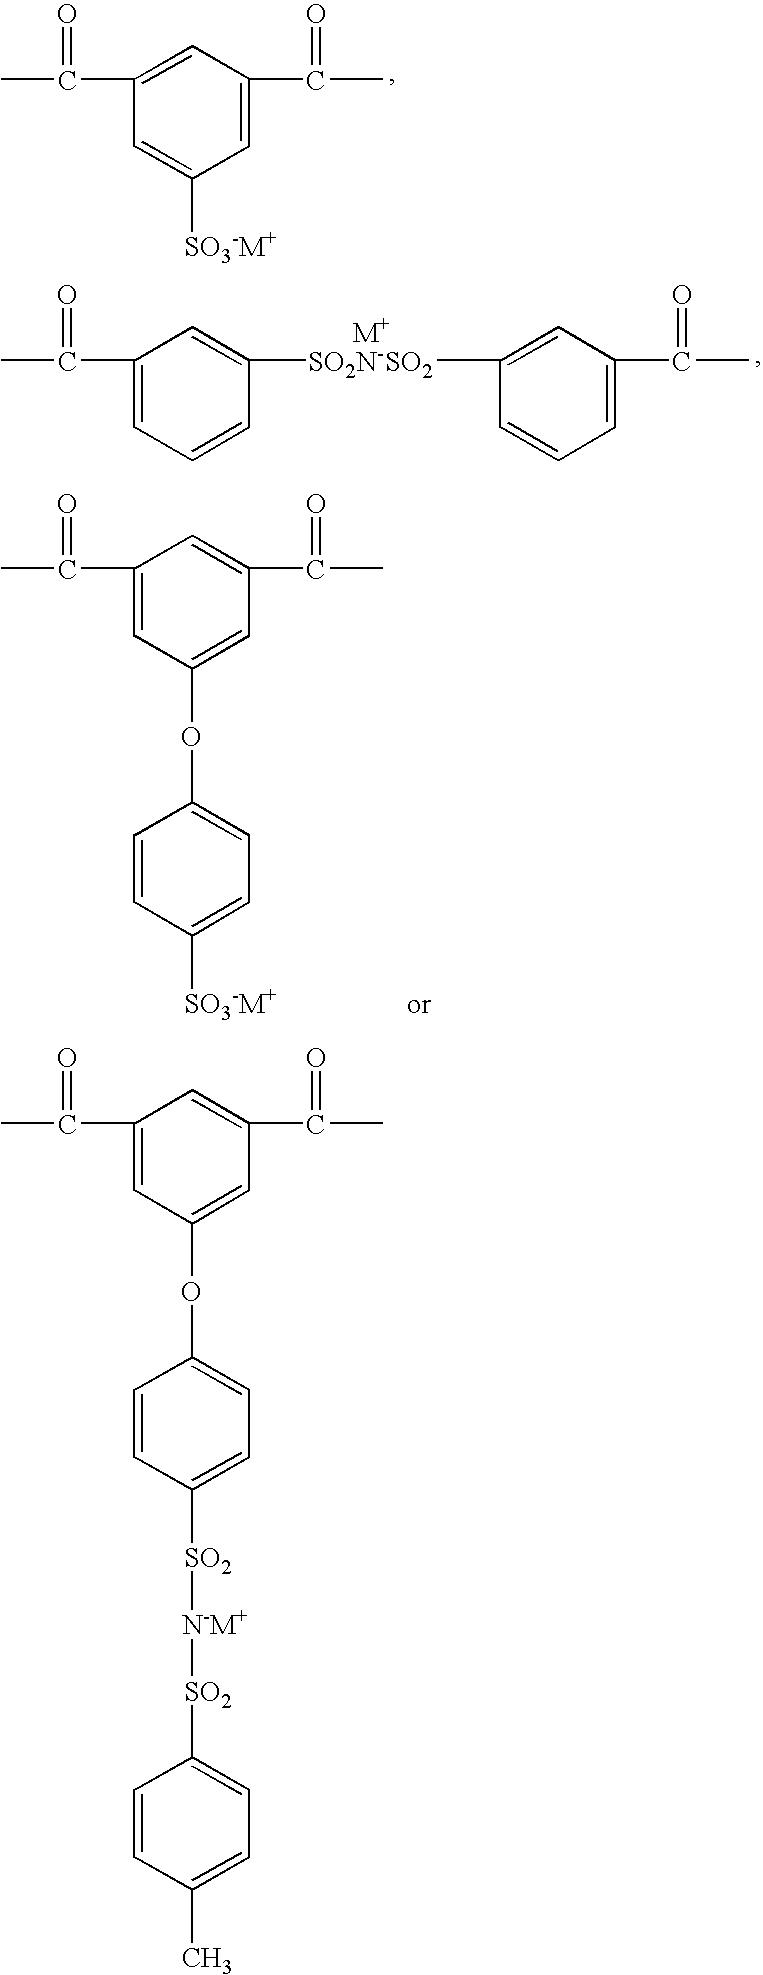 Figure US07435765-20081014-C00002